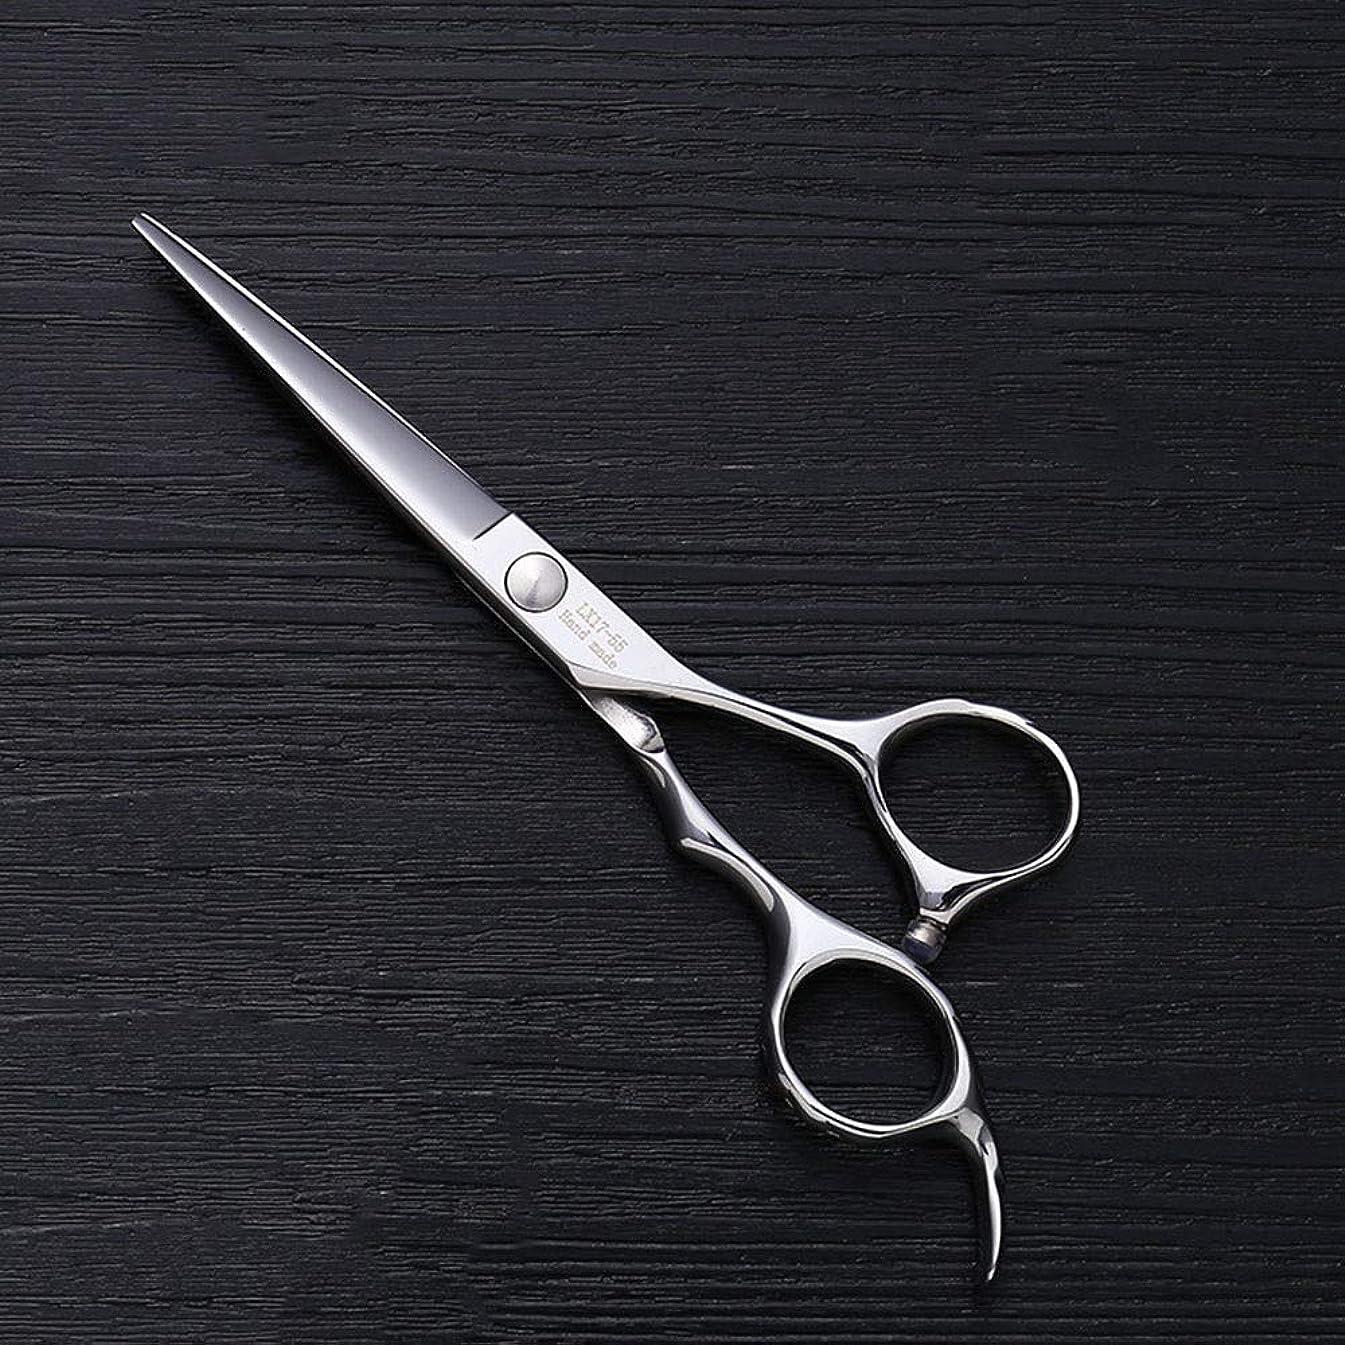 ヘロイン侮辱聞く5.5インチ理髪師プロのヘアカットフラットせん断高品質理髪ツール モデリングツール (色 : Silver)